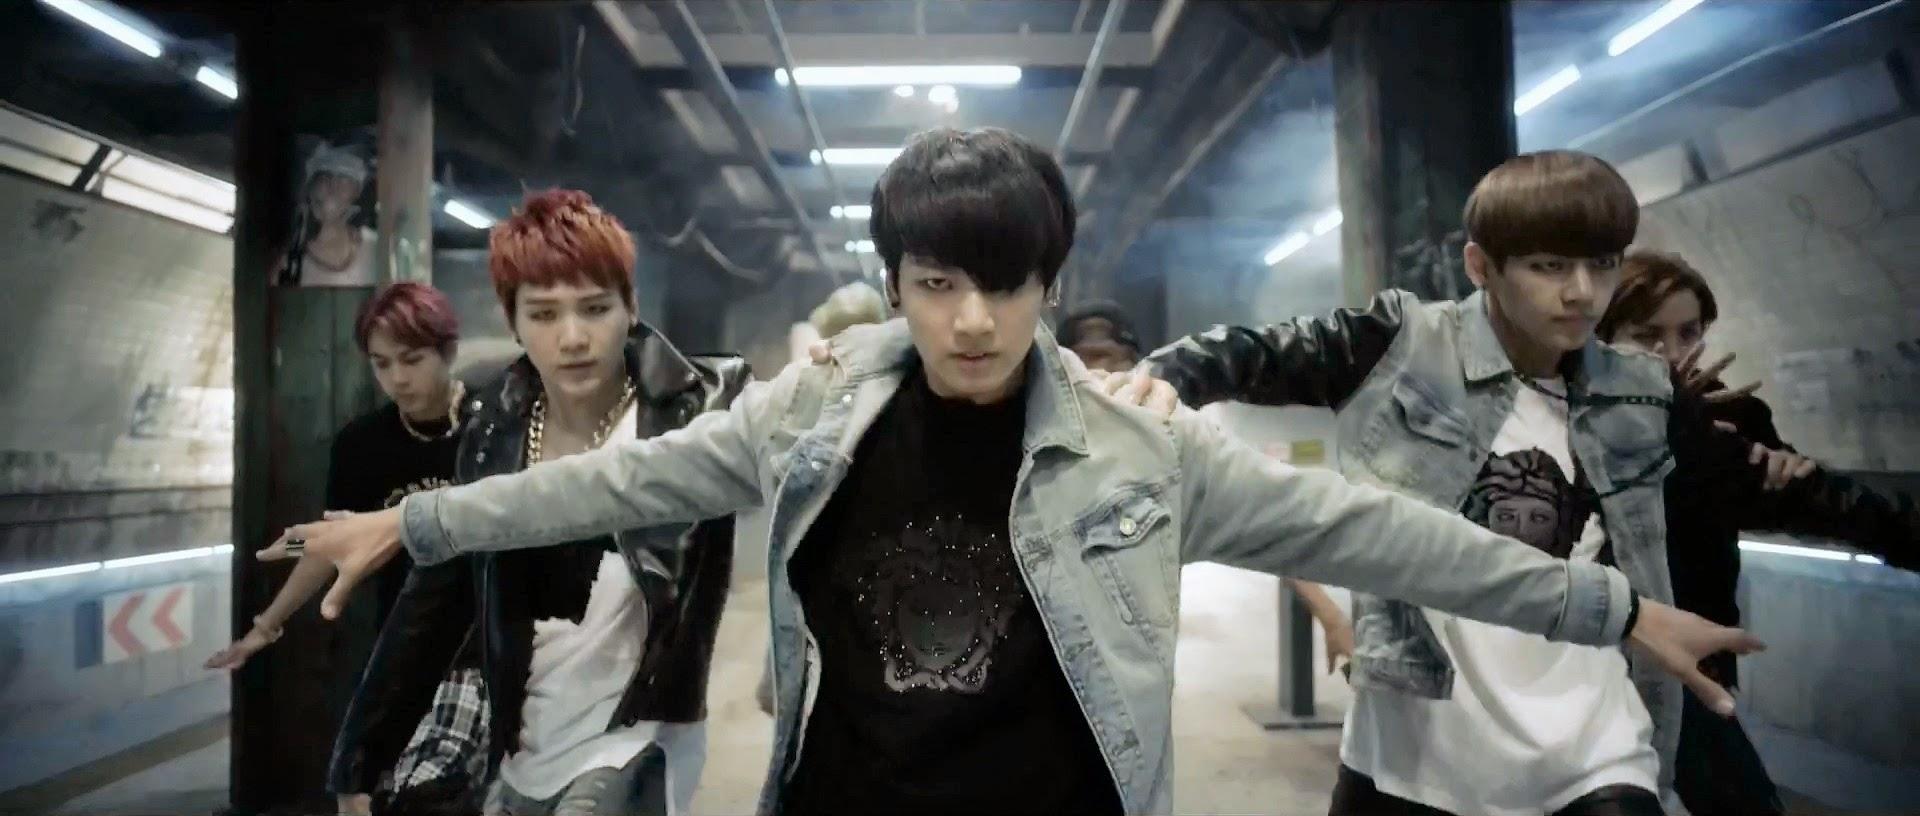 BTS - Danger who's who - K-Pop Database / dbkpop com